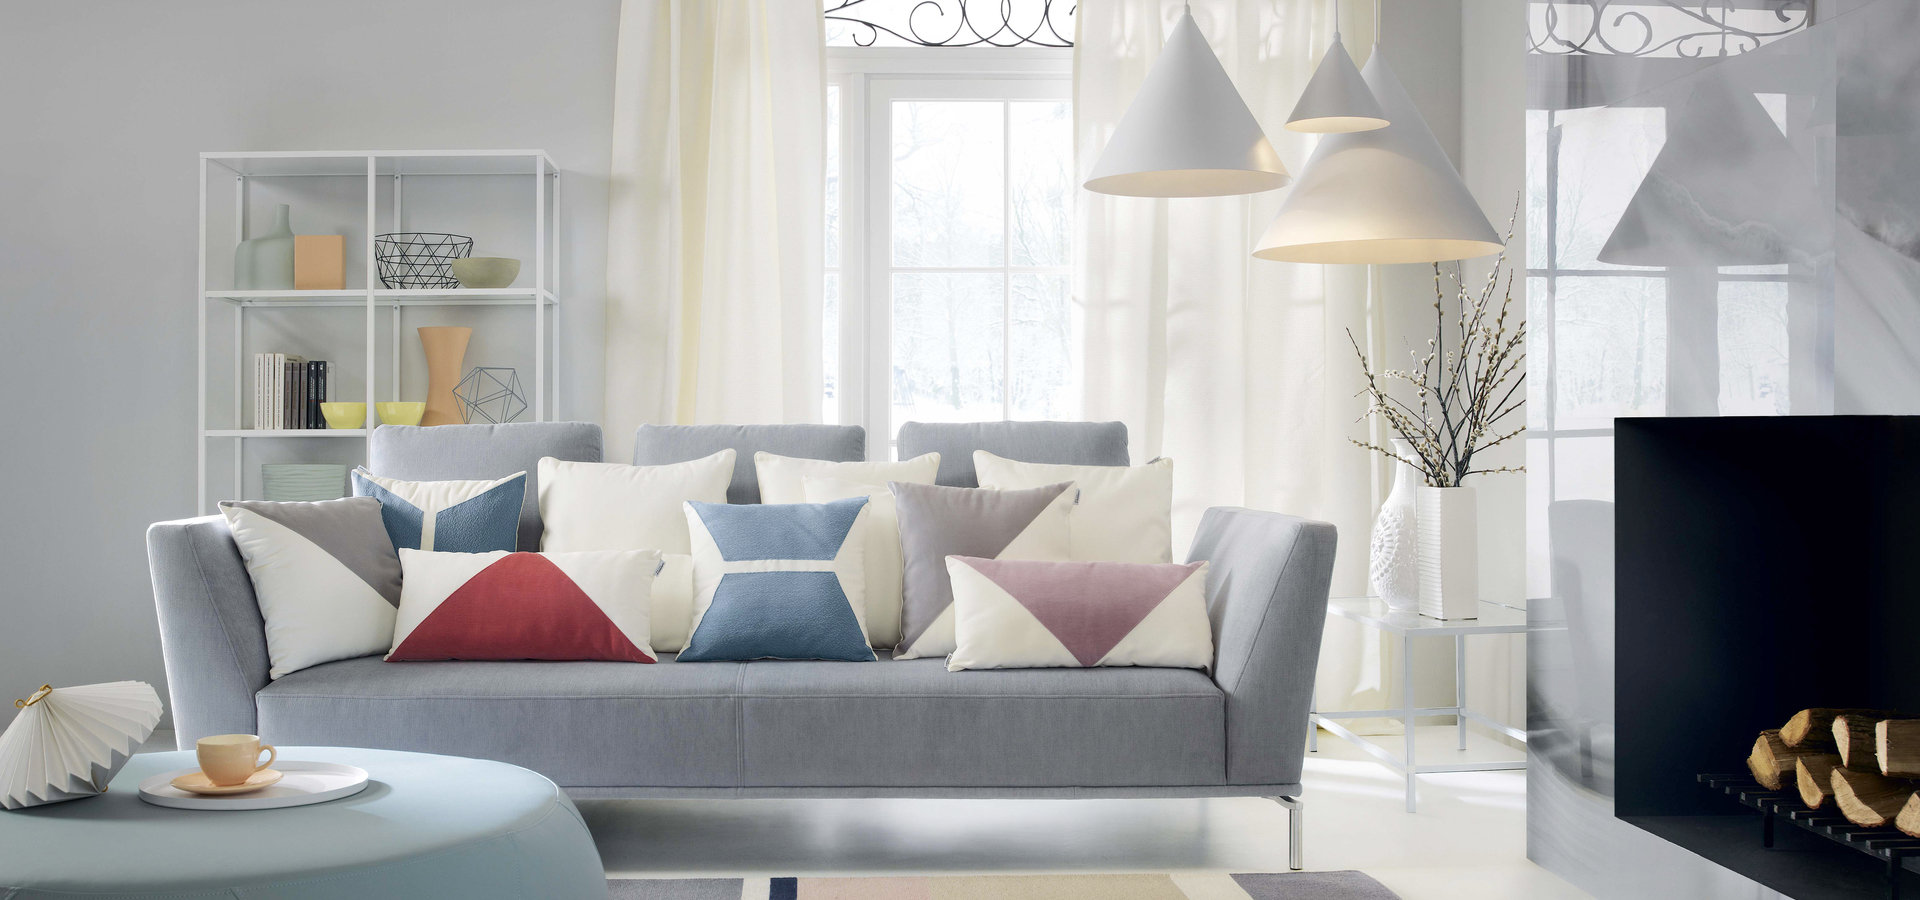 Pastelowa sofa w salonie